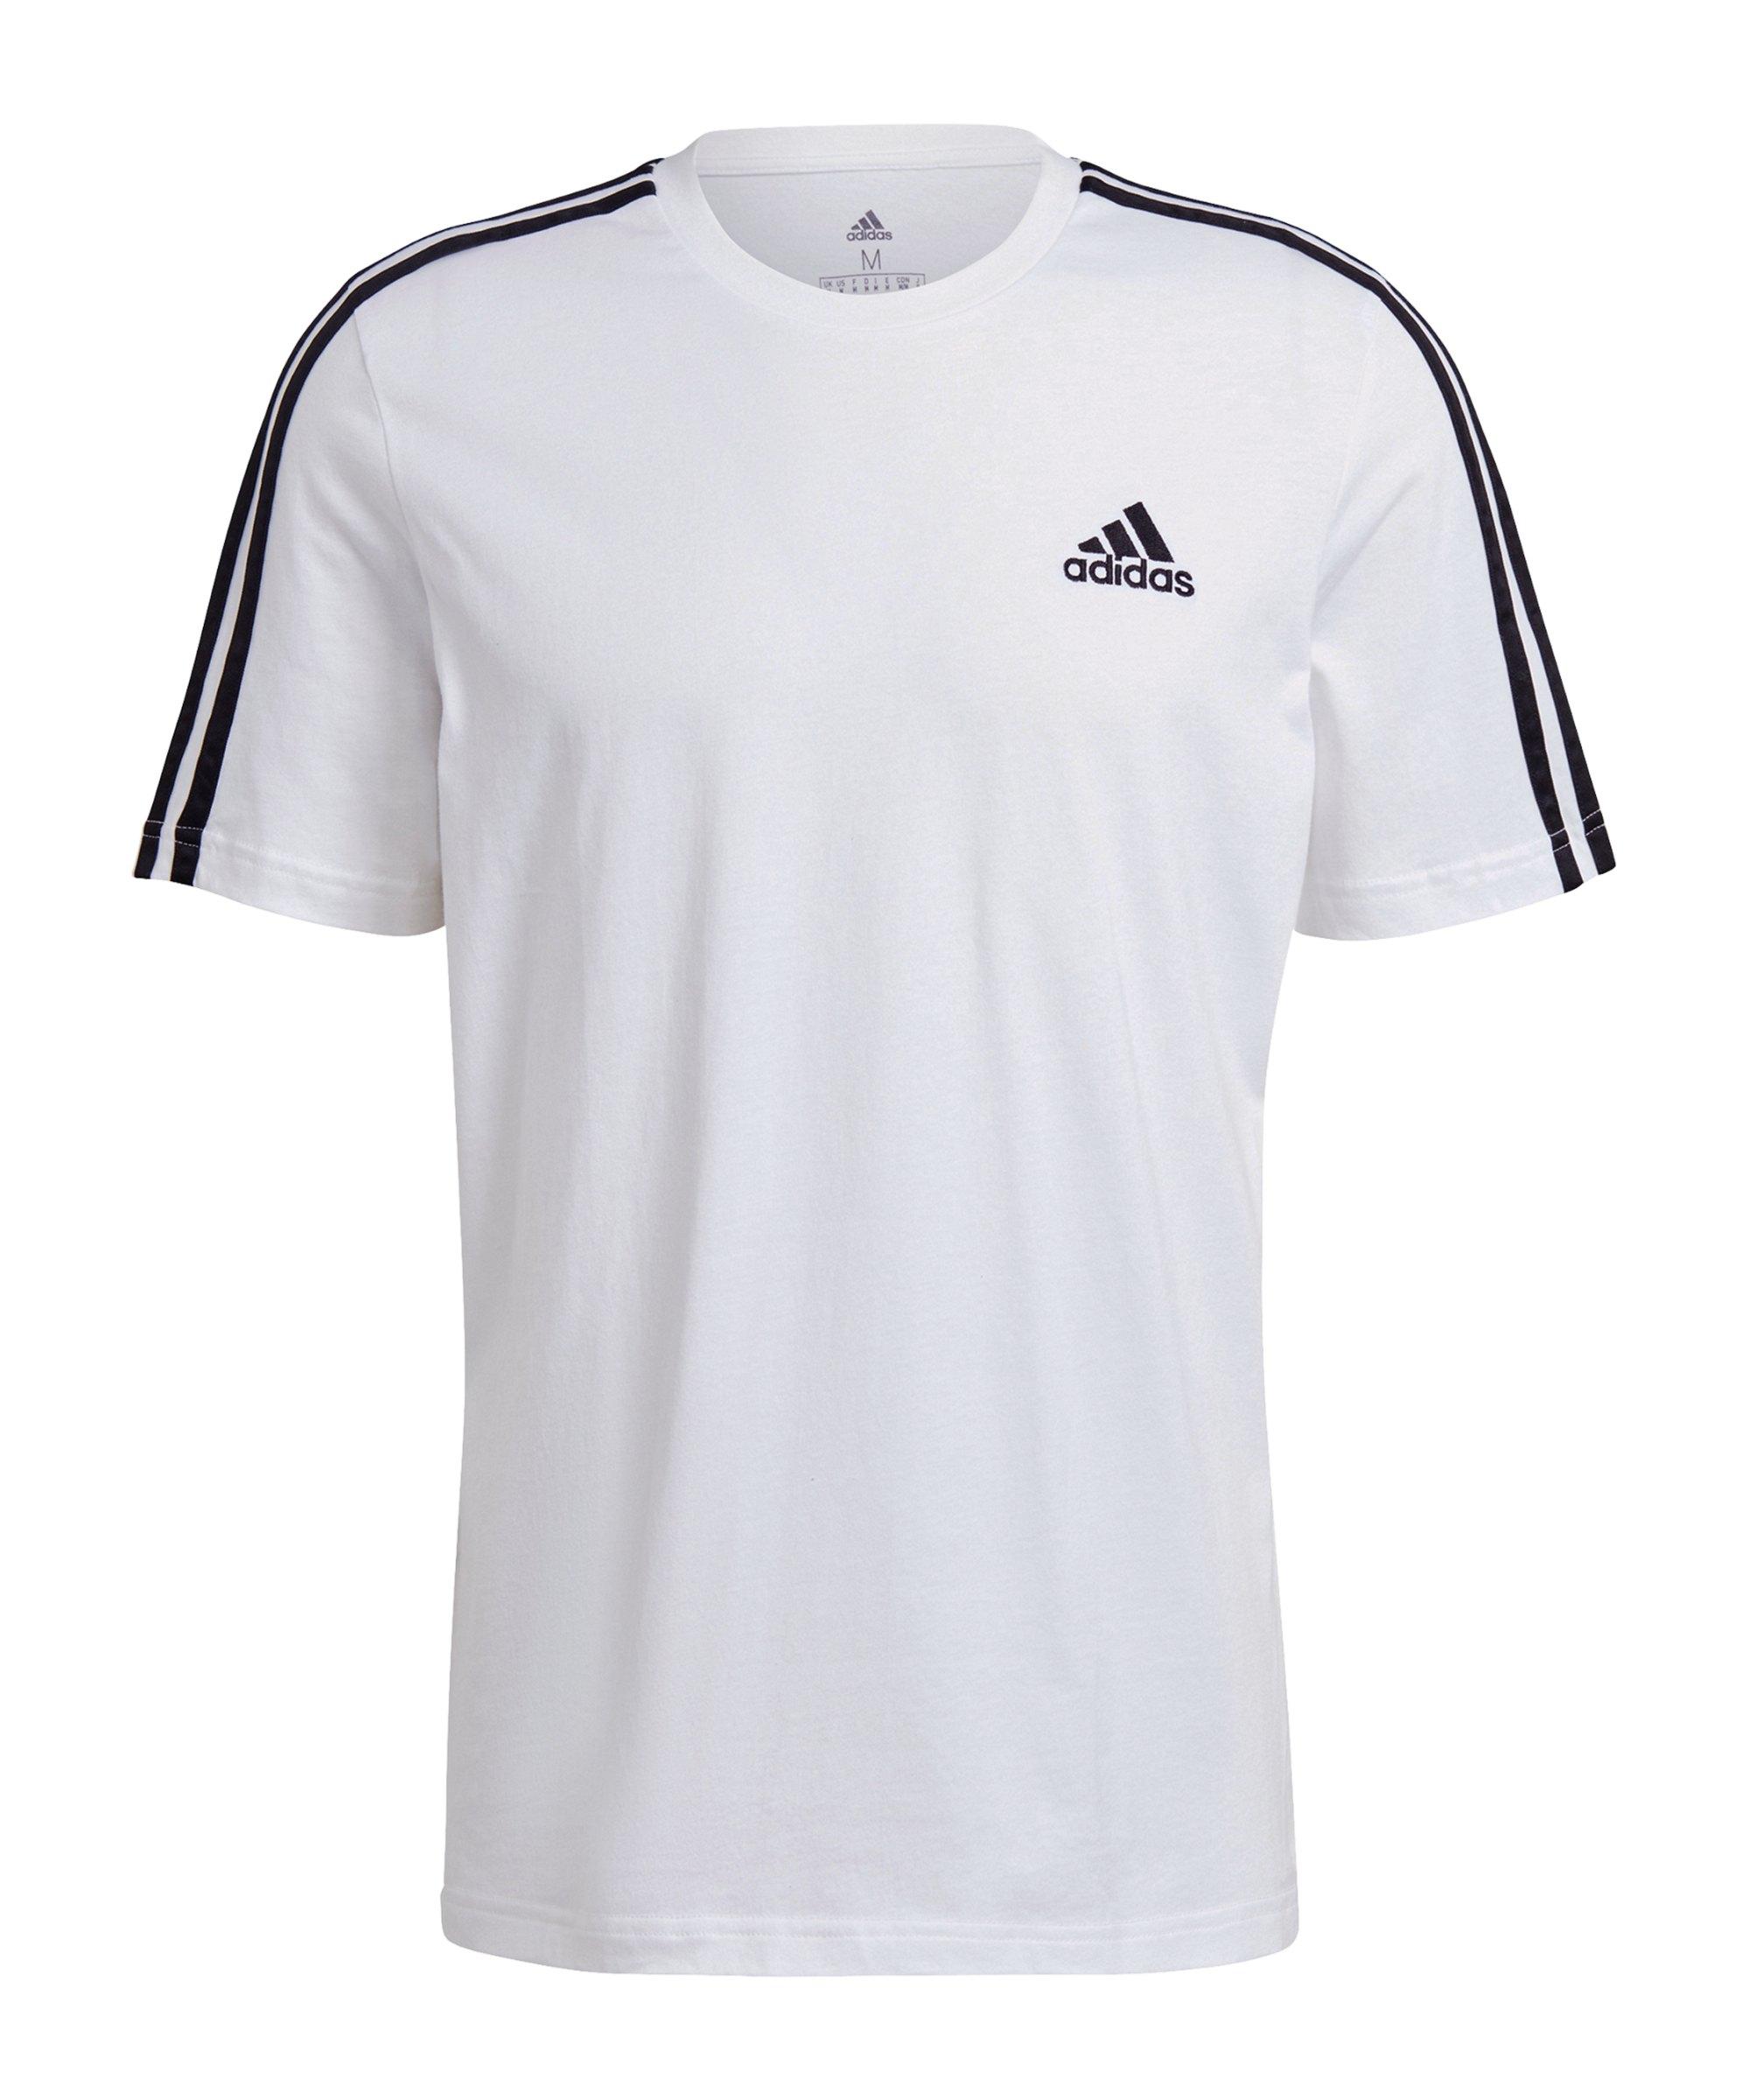 adidas Essentials 3 Stripes T-Shirt Weiss - weiss